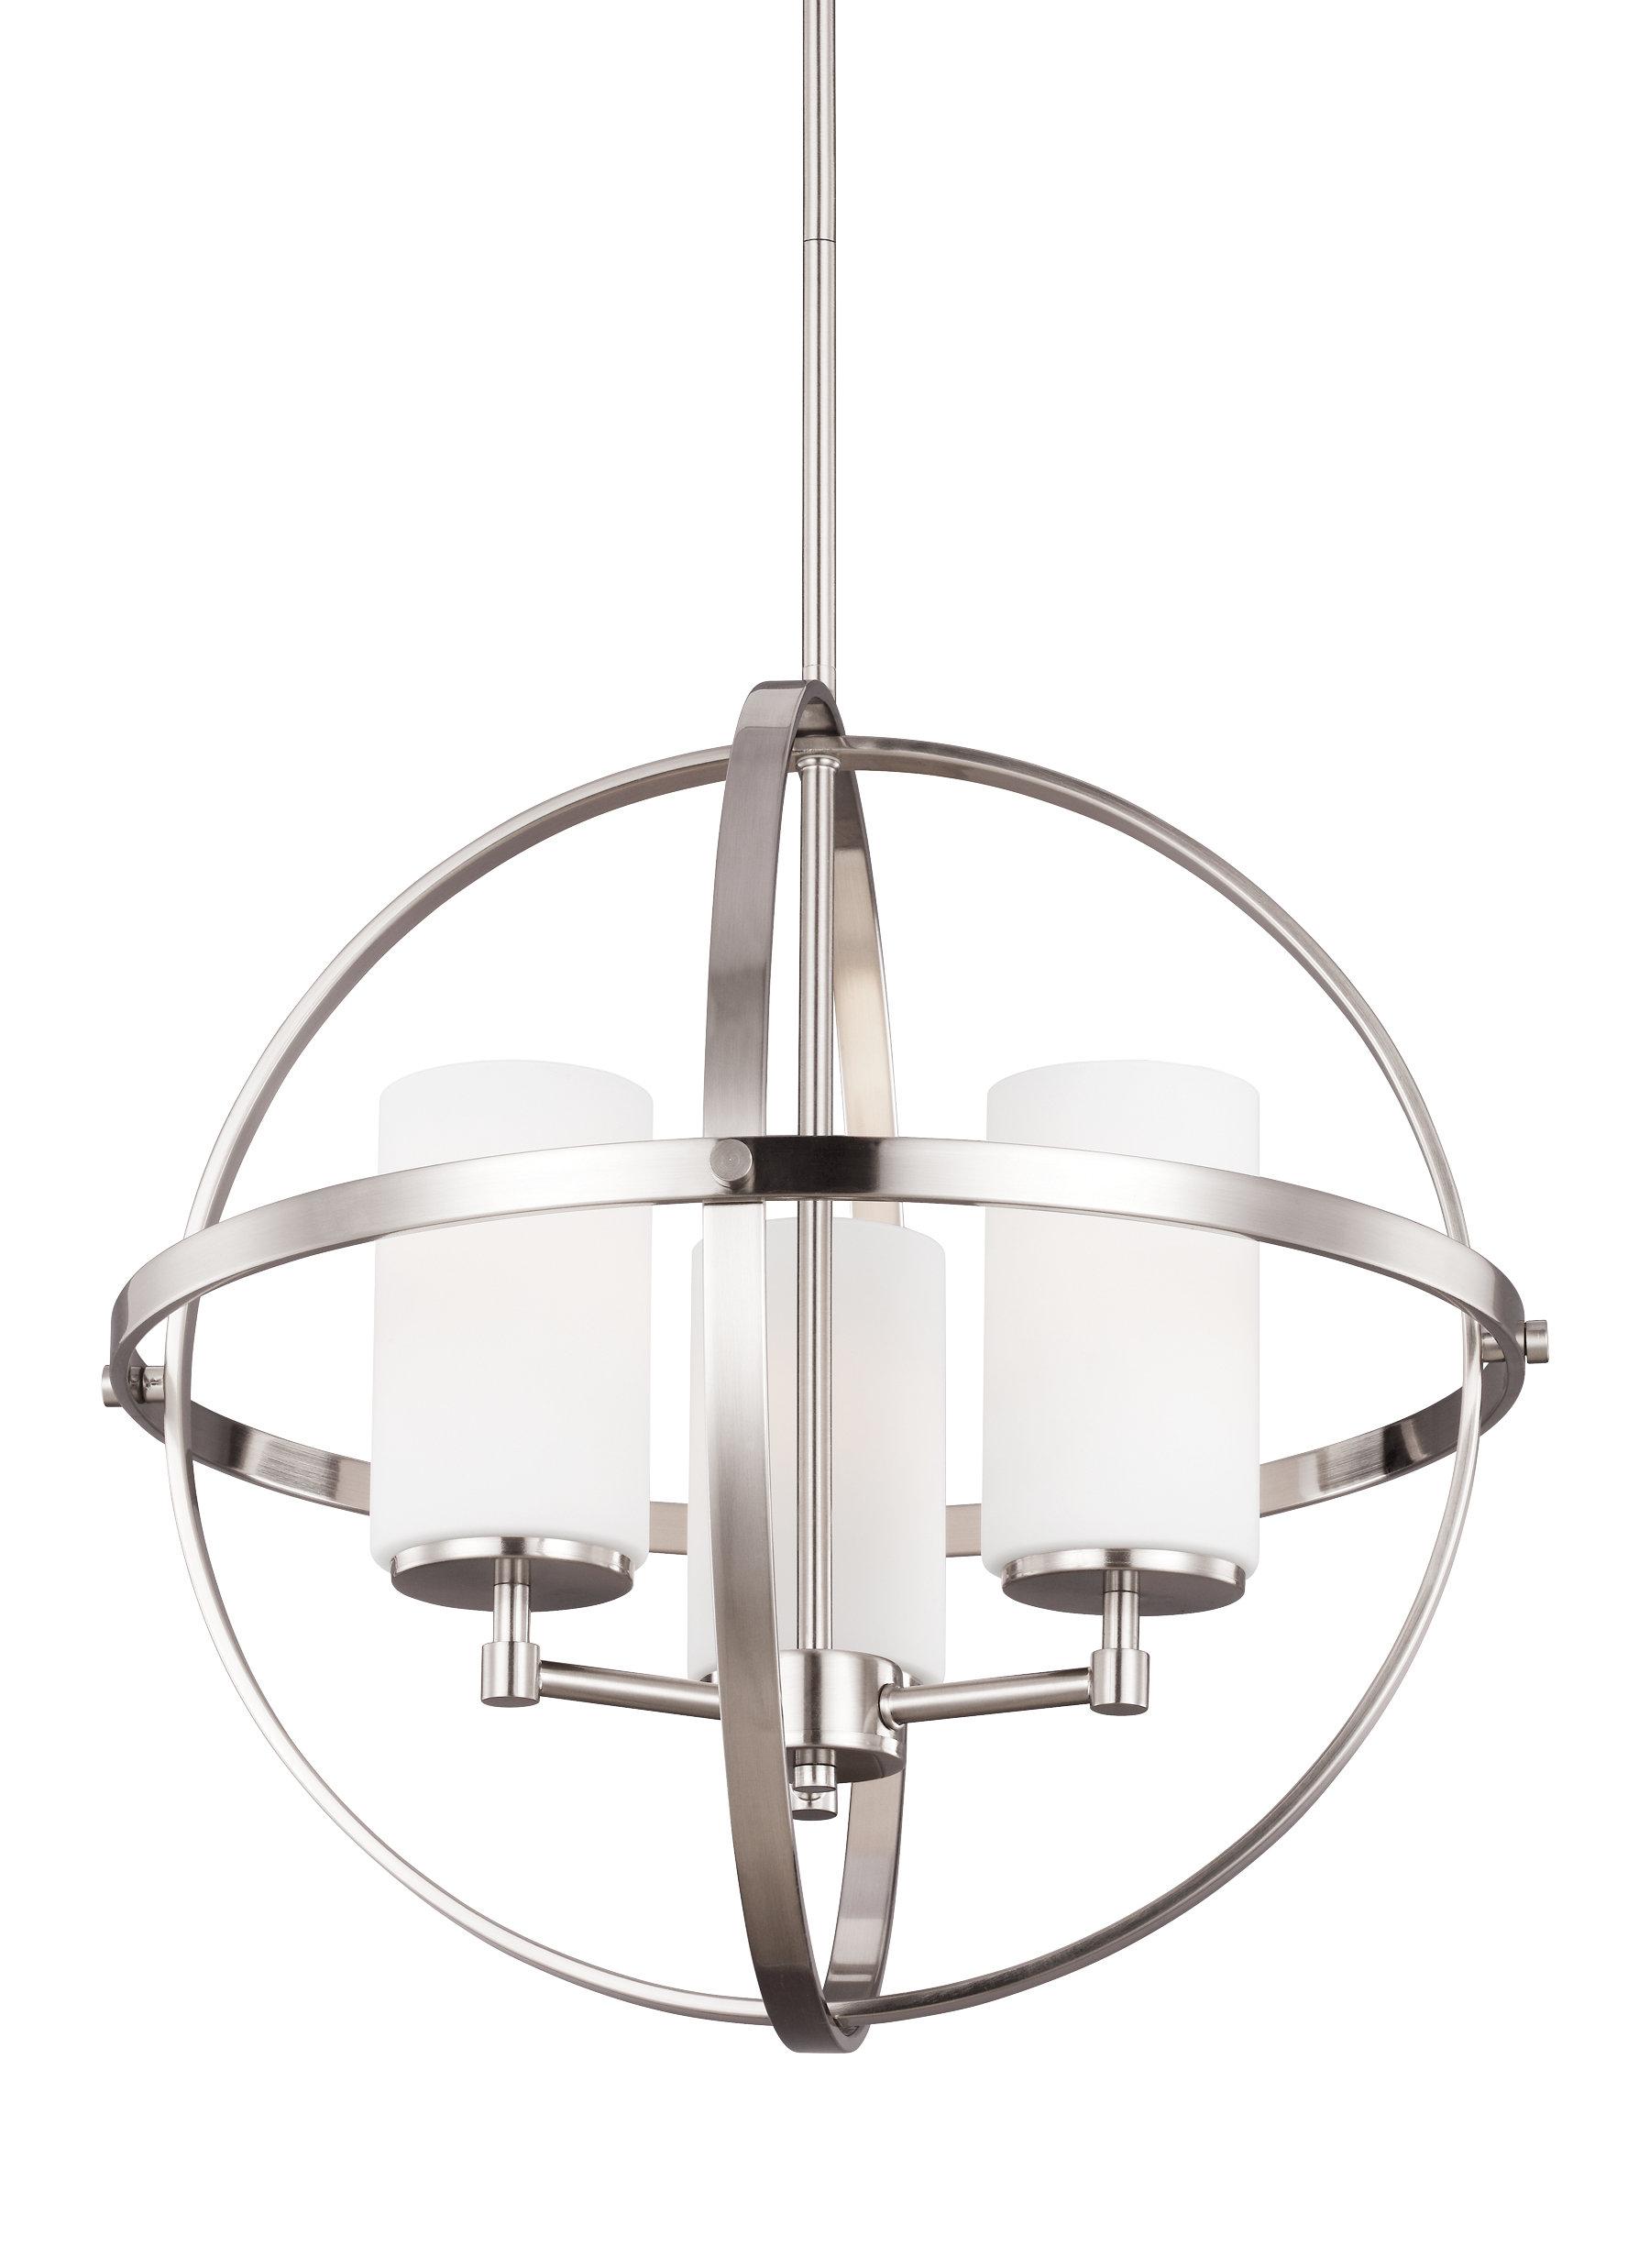 Raine 3 Light Globe Chandelier Throughout Recent La Sarre 3 Light Globe Chandeliers (View 12 of 25)